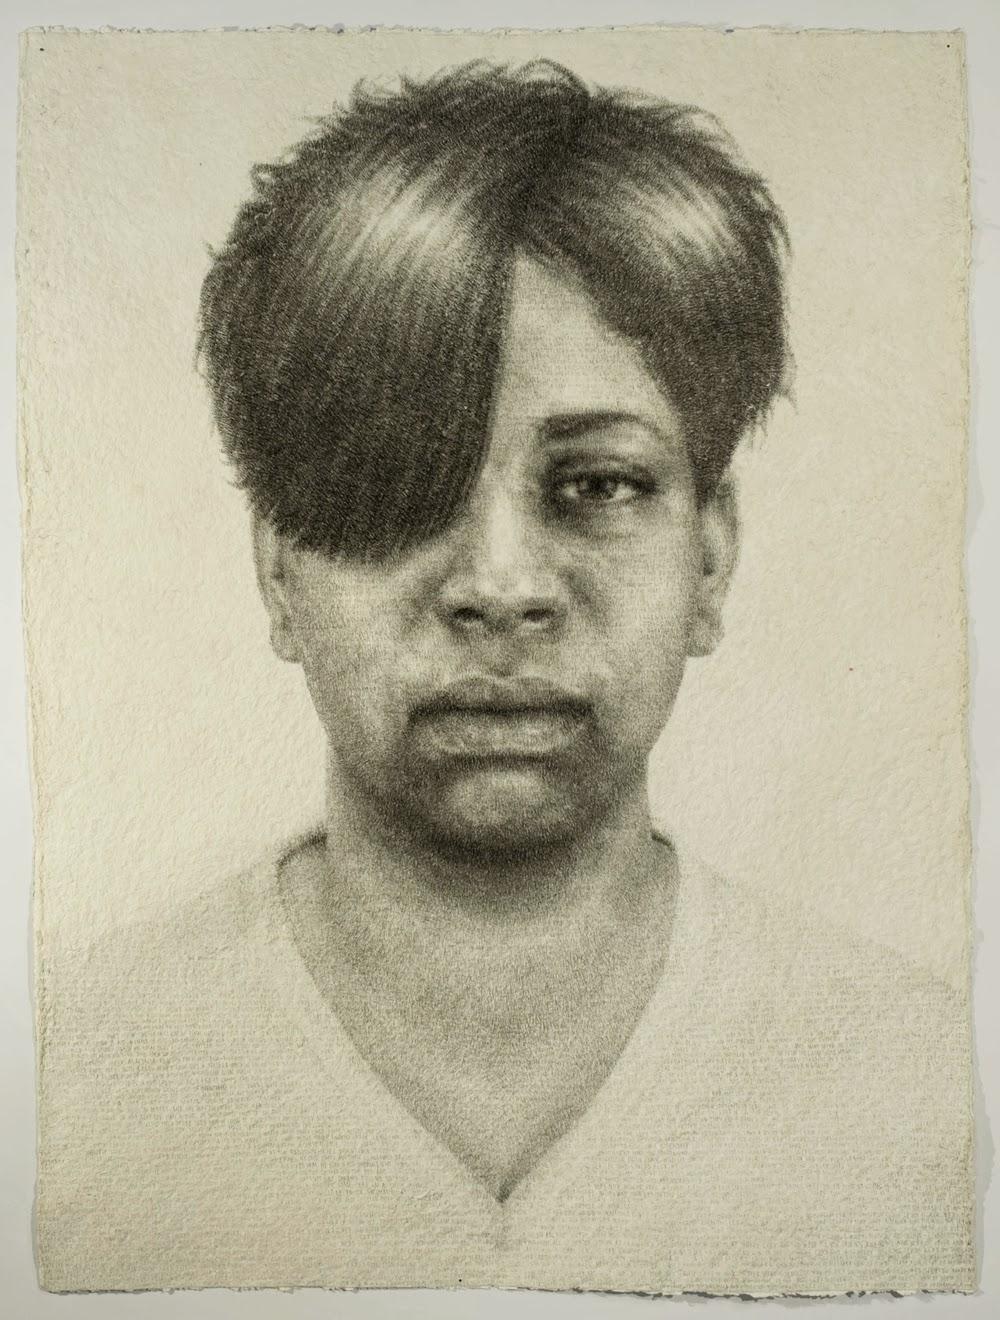 07-Ben-Durham-Written-Portraits-www-designstack-co